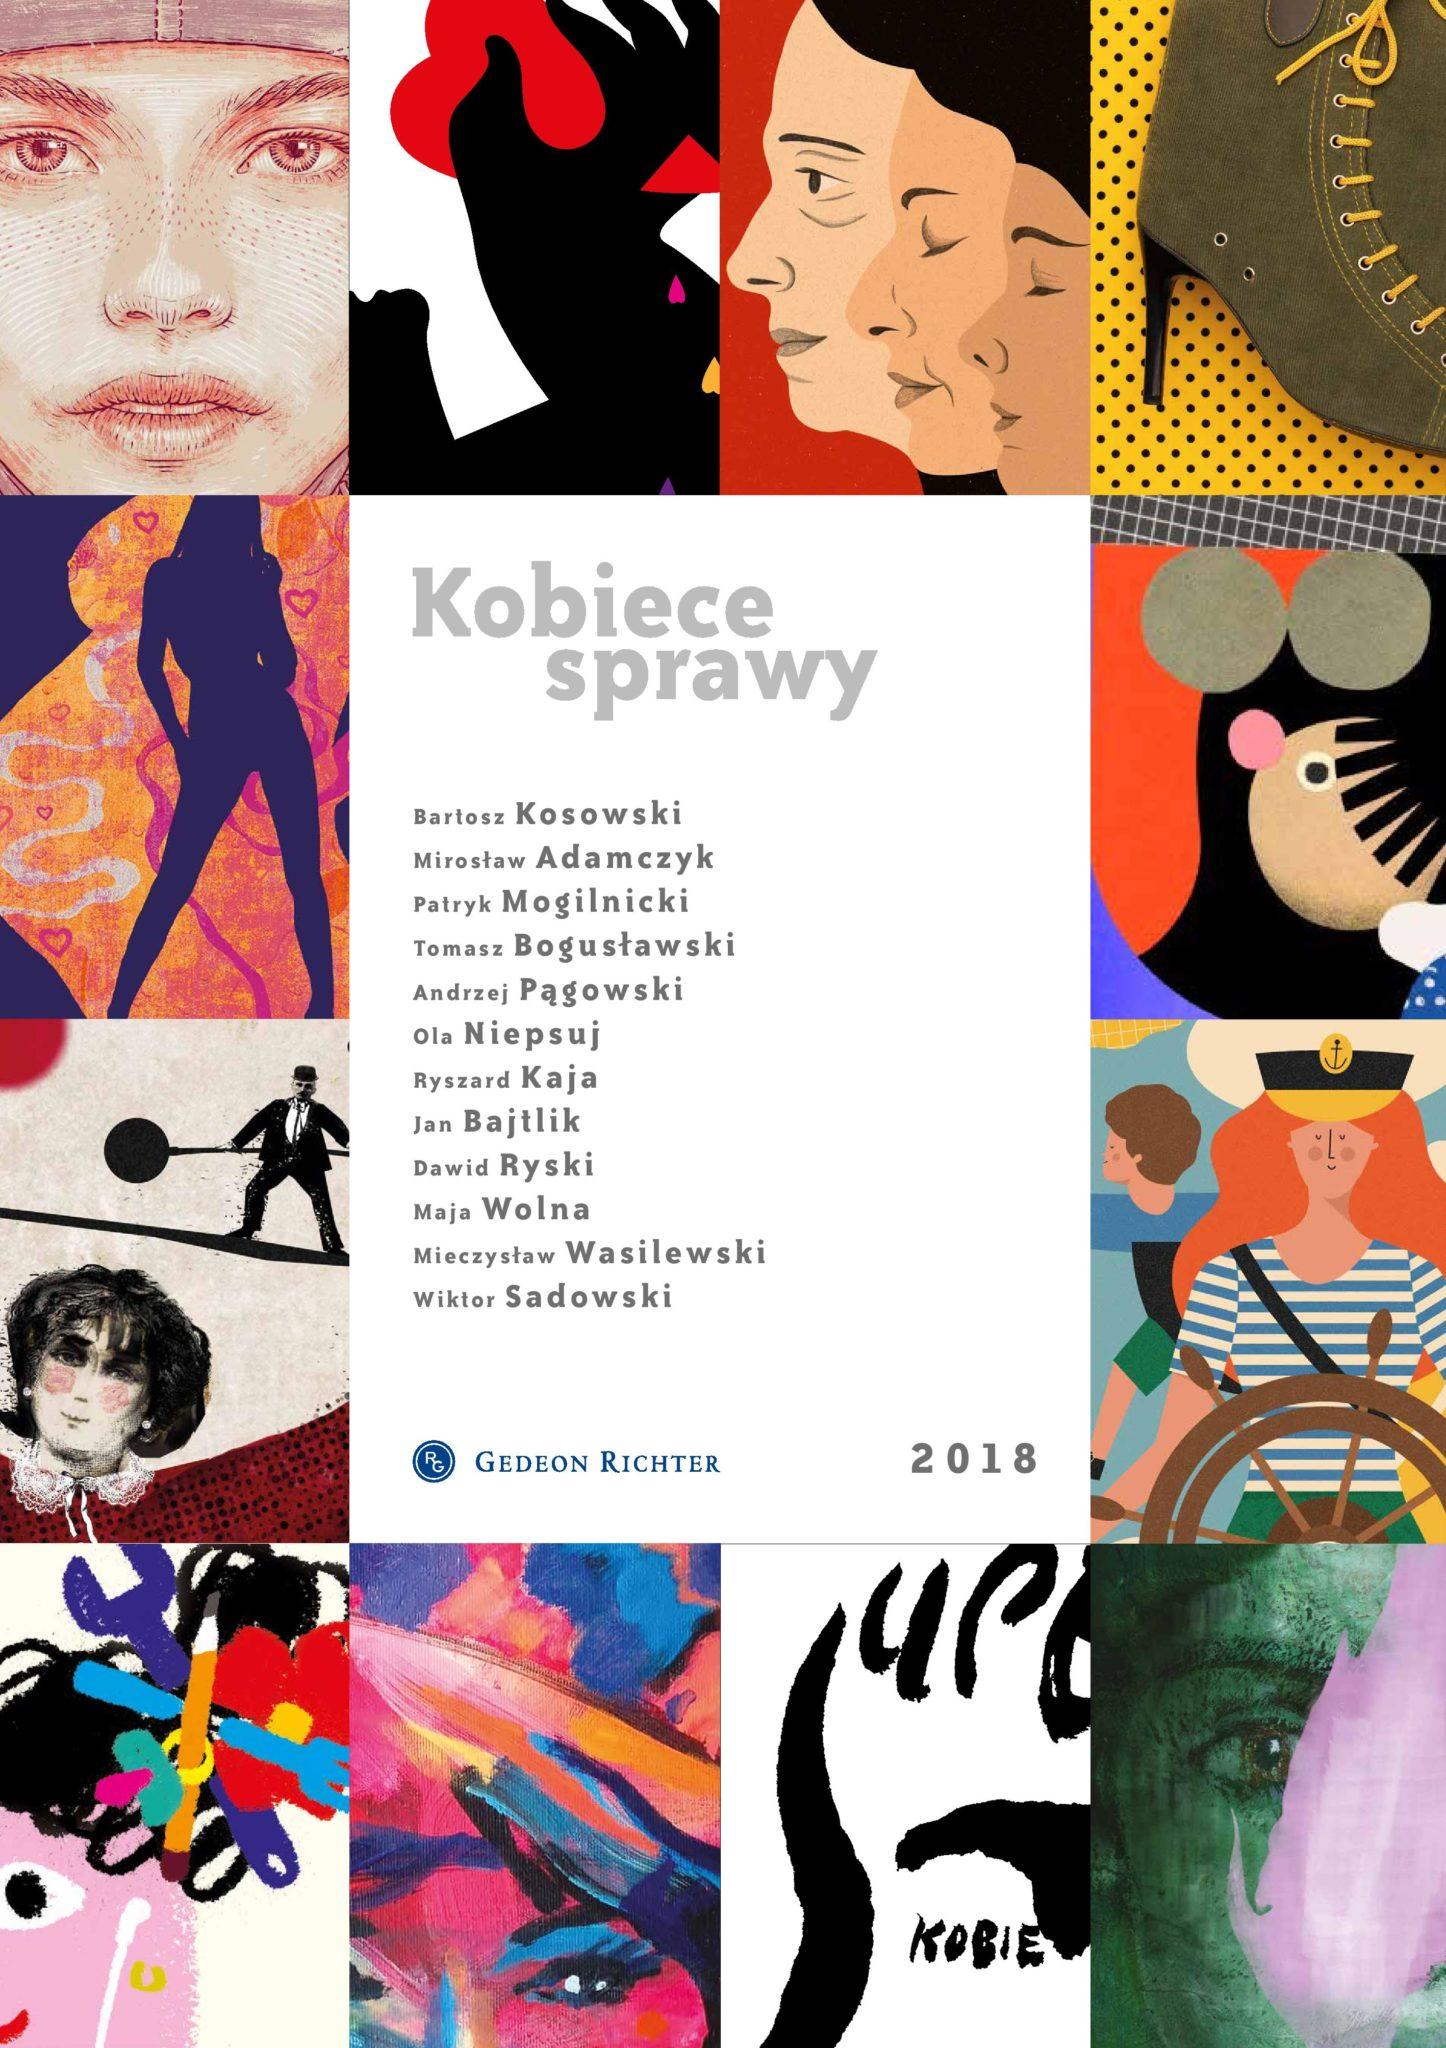 Kobiece Sprawy - Kalendarz Artystyczny Gedeon Richter_okladka